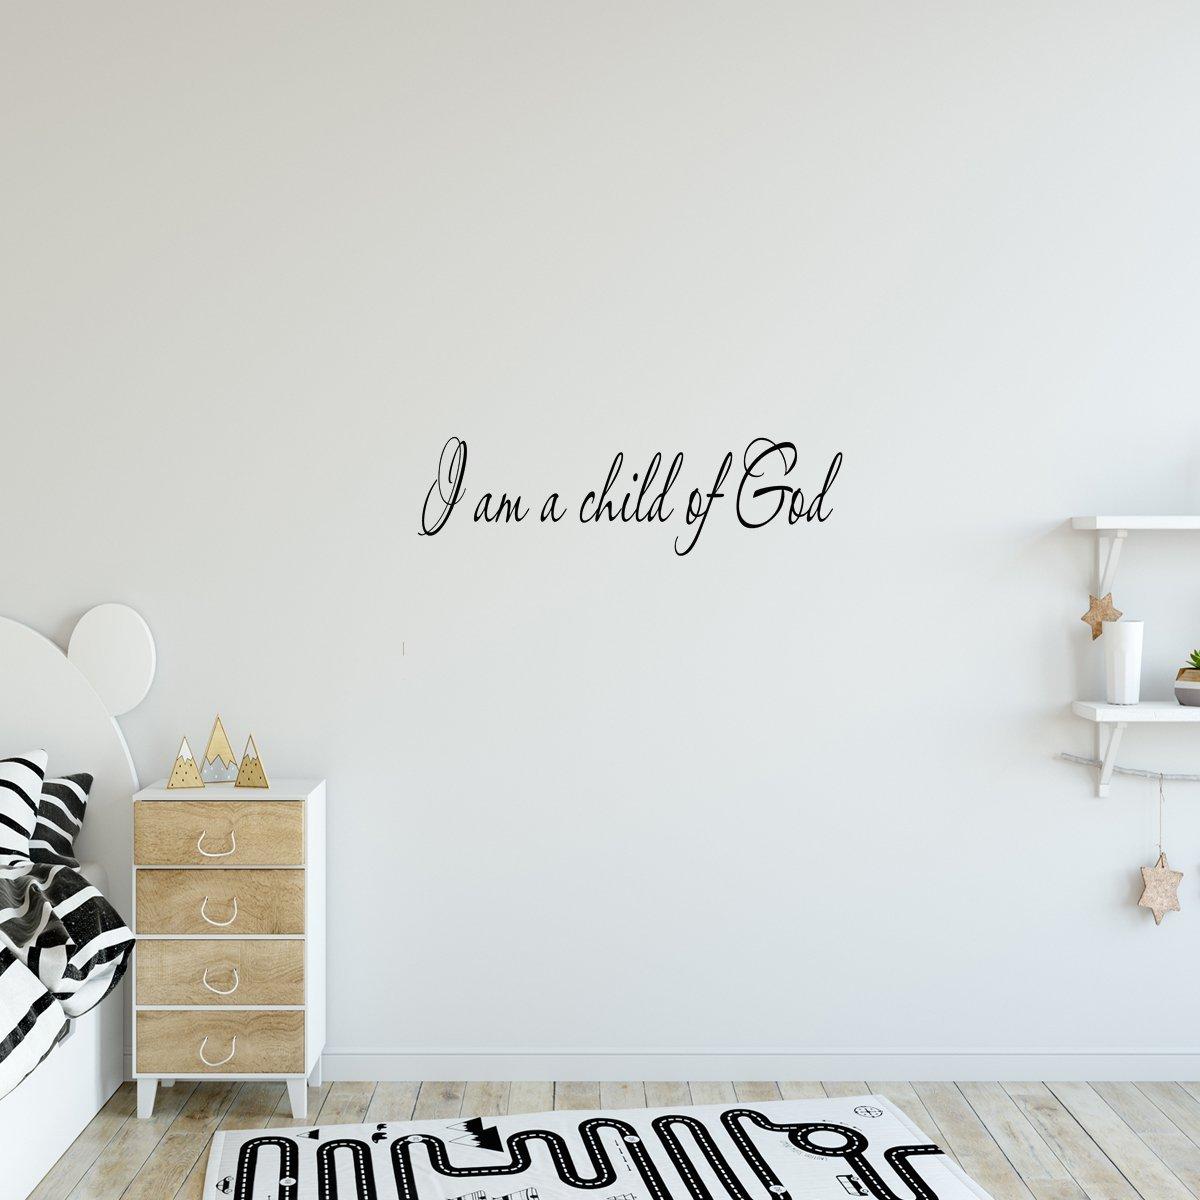 Vwaq I Am A Child Of God Vinyl Wall Decal Vinyl Wall Decals